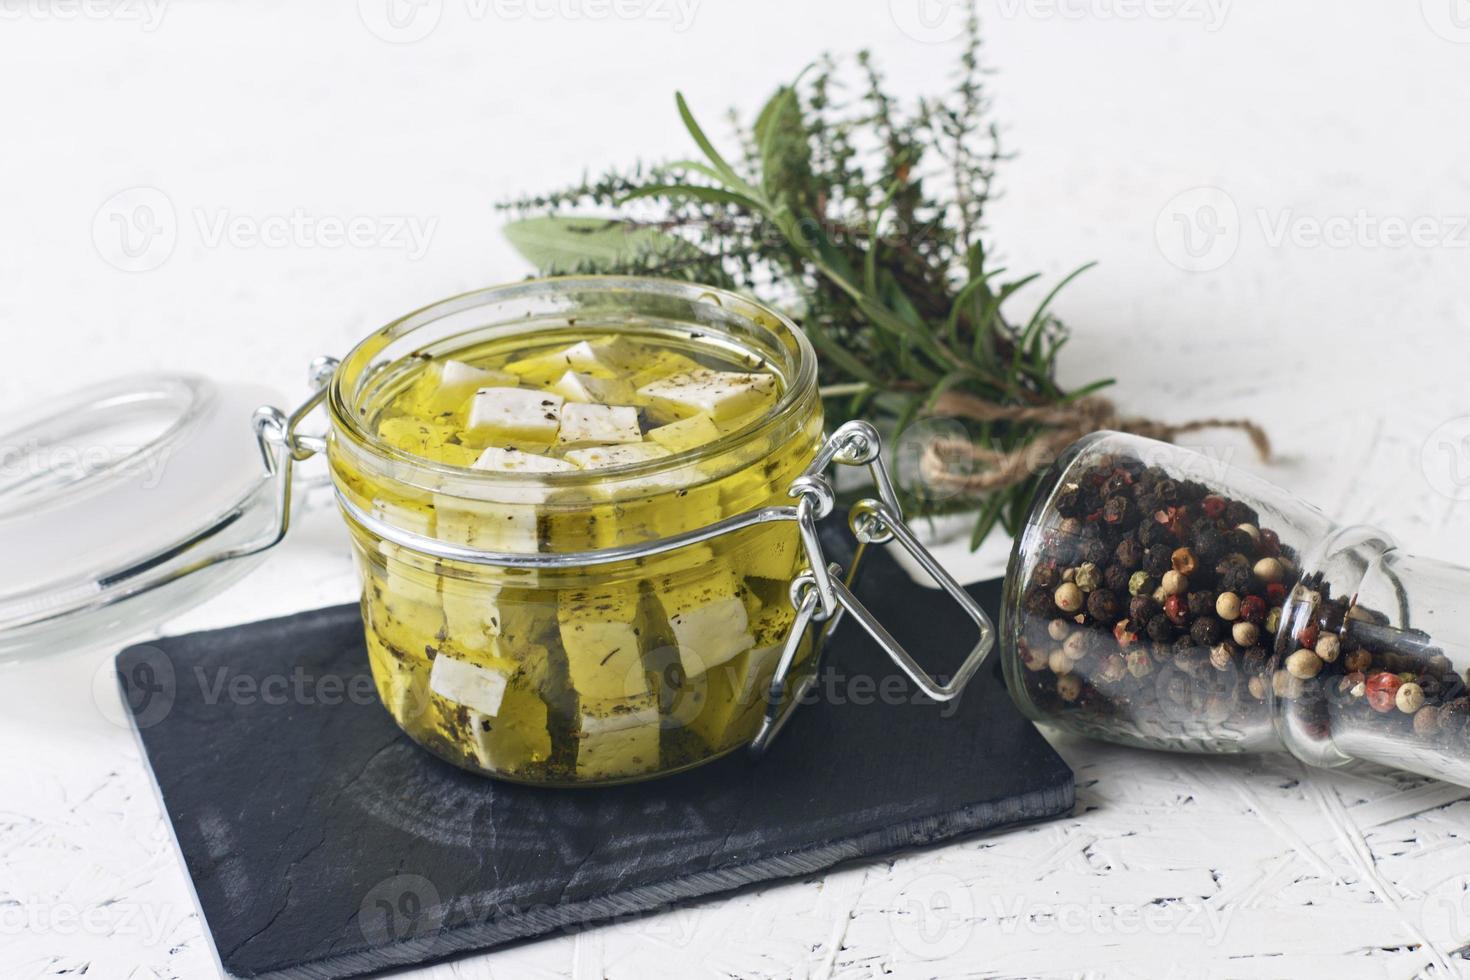 queijo feta marinado em uma jarra de vidro e especiarias sobre um fundo branco foto